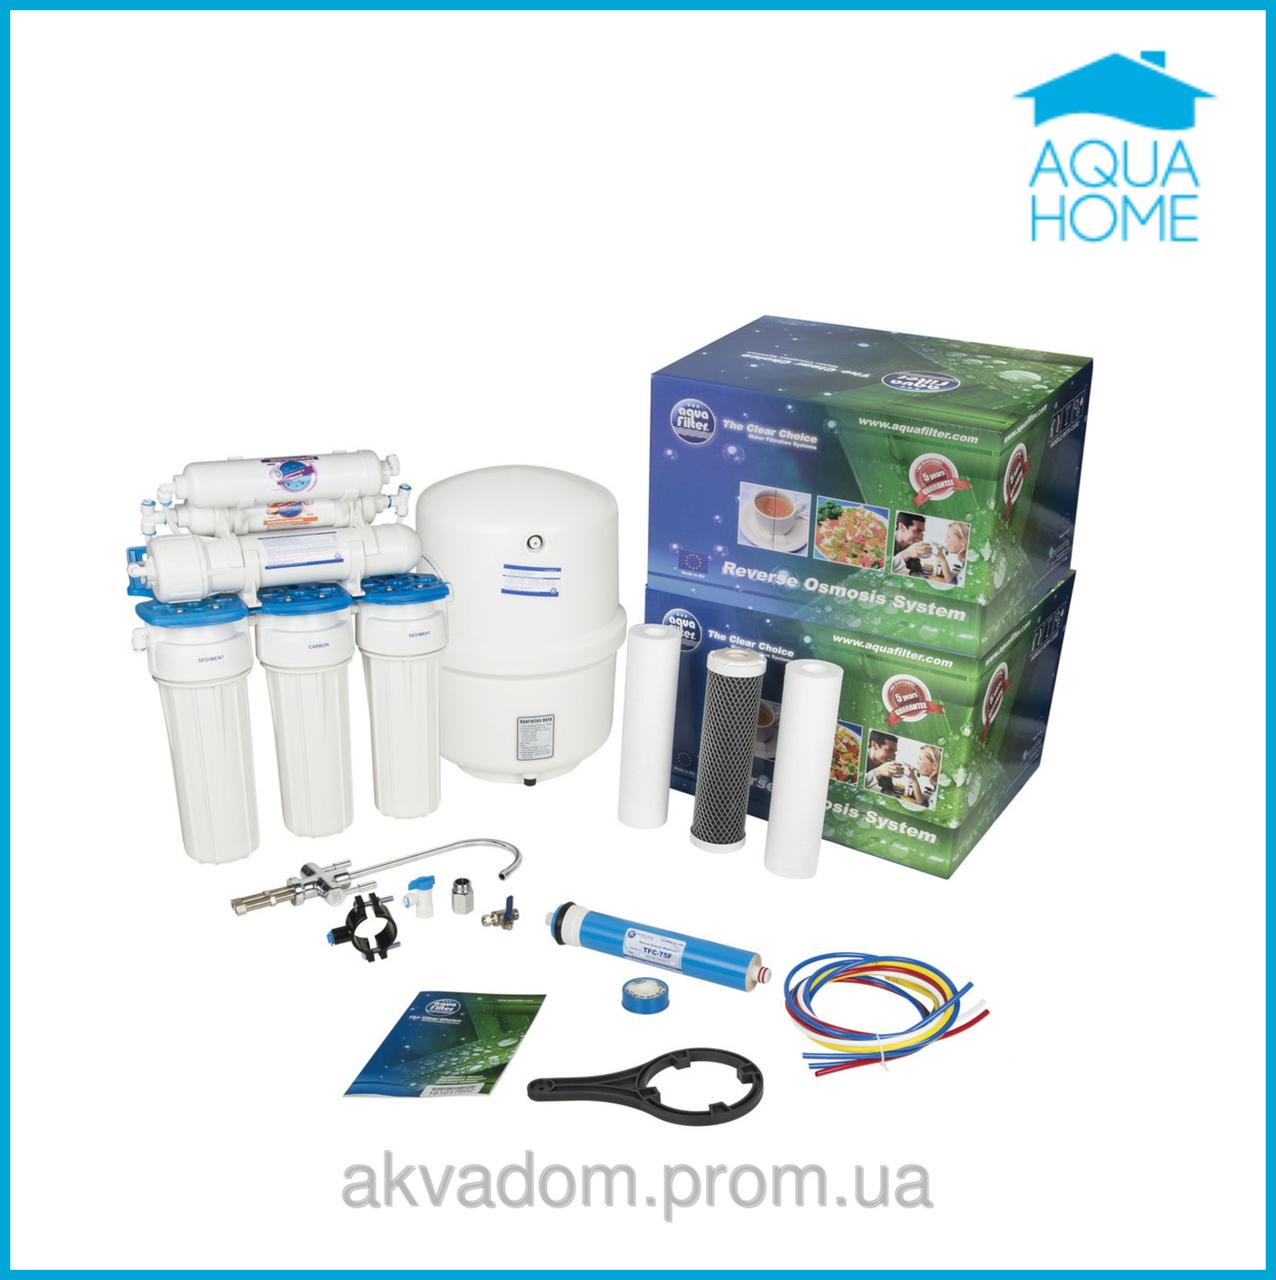 Фильтр осмос 6 ступеней Aquafilter RX65259516(FRO5M JG) - Аквадом  фильтры для очистки воды,насосы для воды, увлажнители,отопление,химия для бассейнов в Харькове